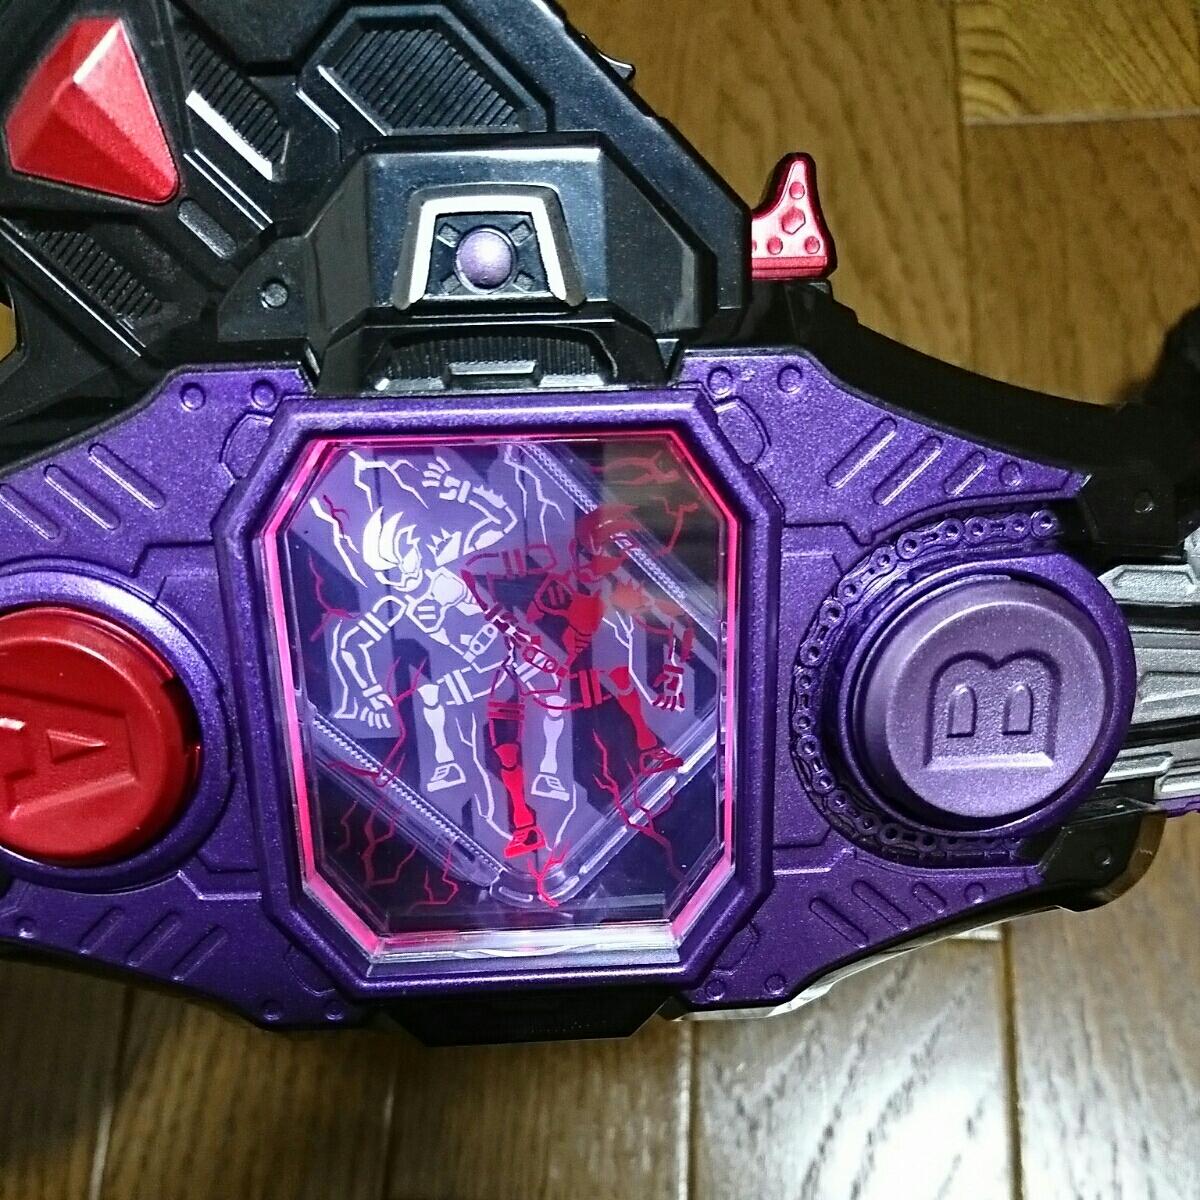 仮面ライダー エグゼイド DX バグルドライバー デンジャラスゾンビ ガシャト なりきり 変身 ベルト まとめて セット 発送可 大量 出品中_画像9